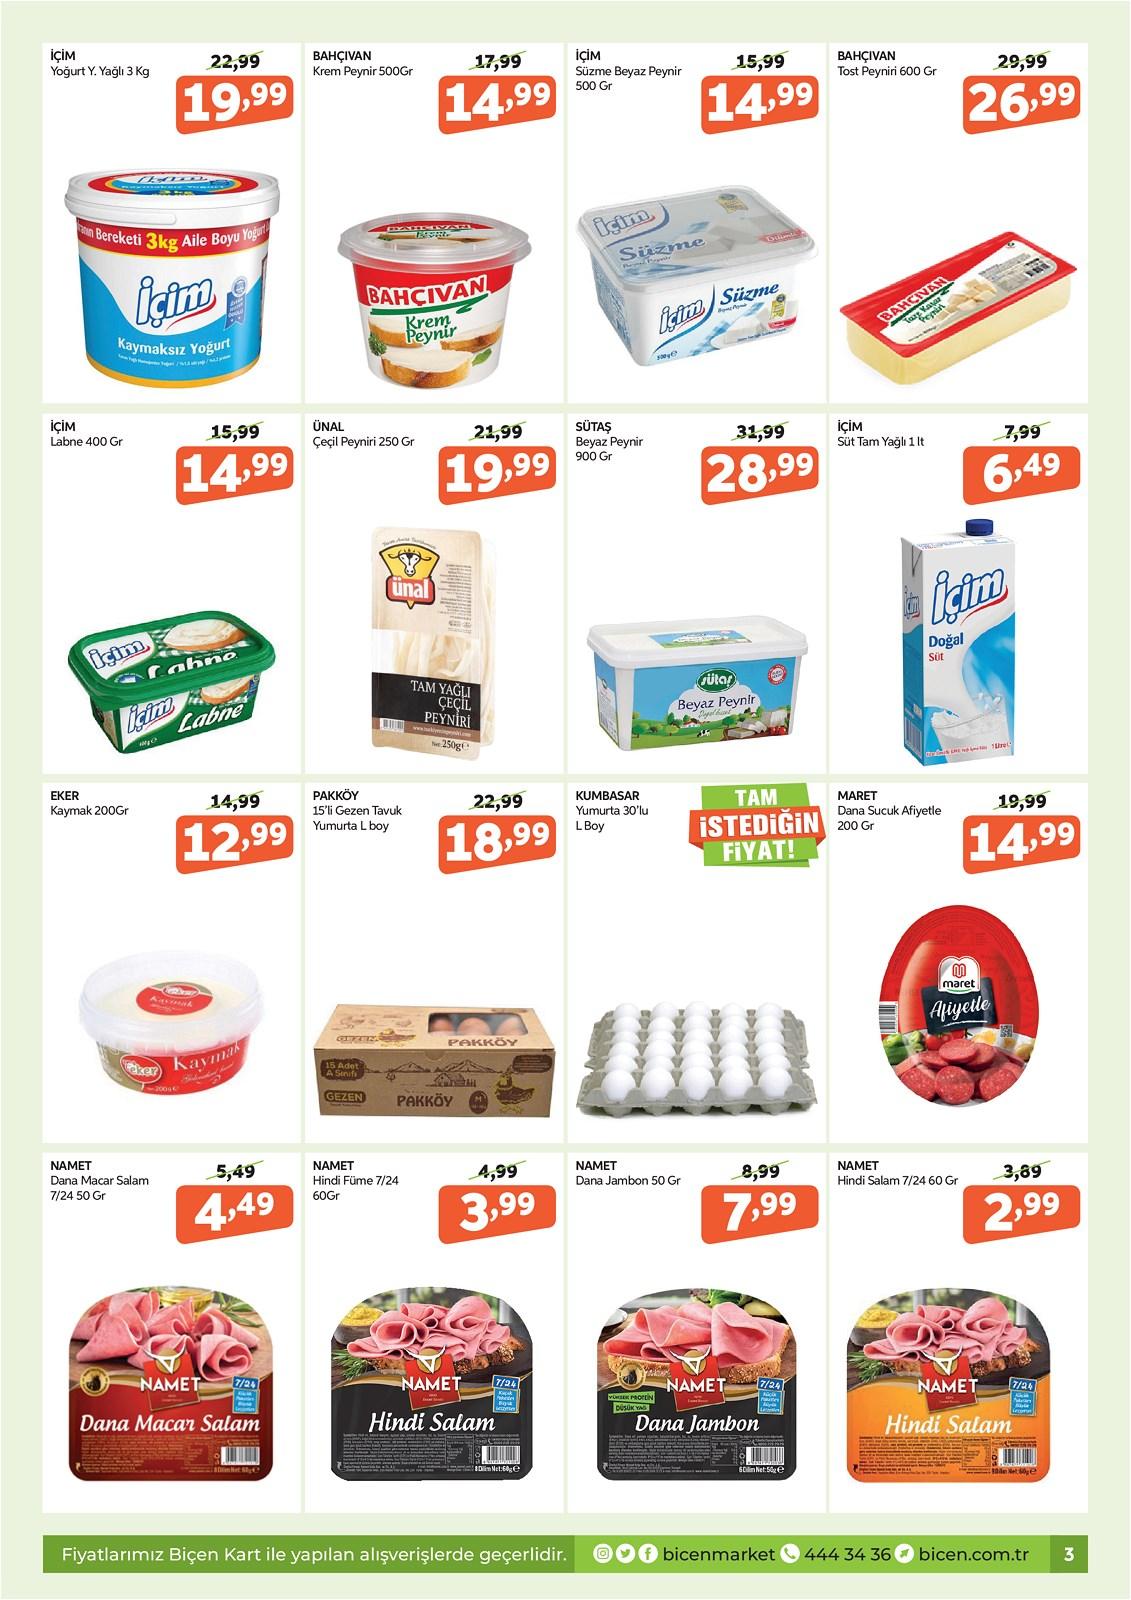 07.10.2021 Biçen Market broşürü 3. sayfa